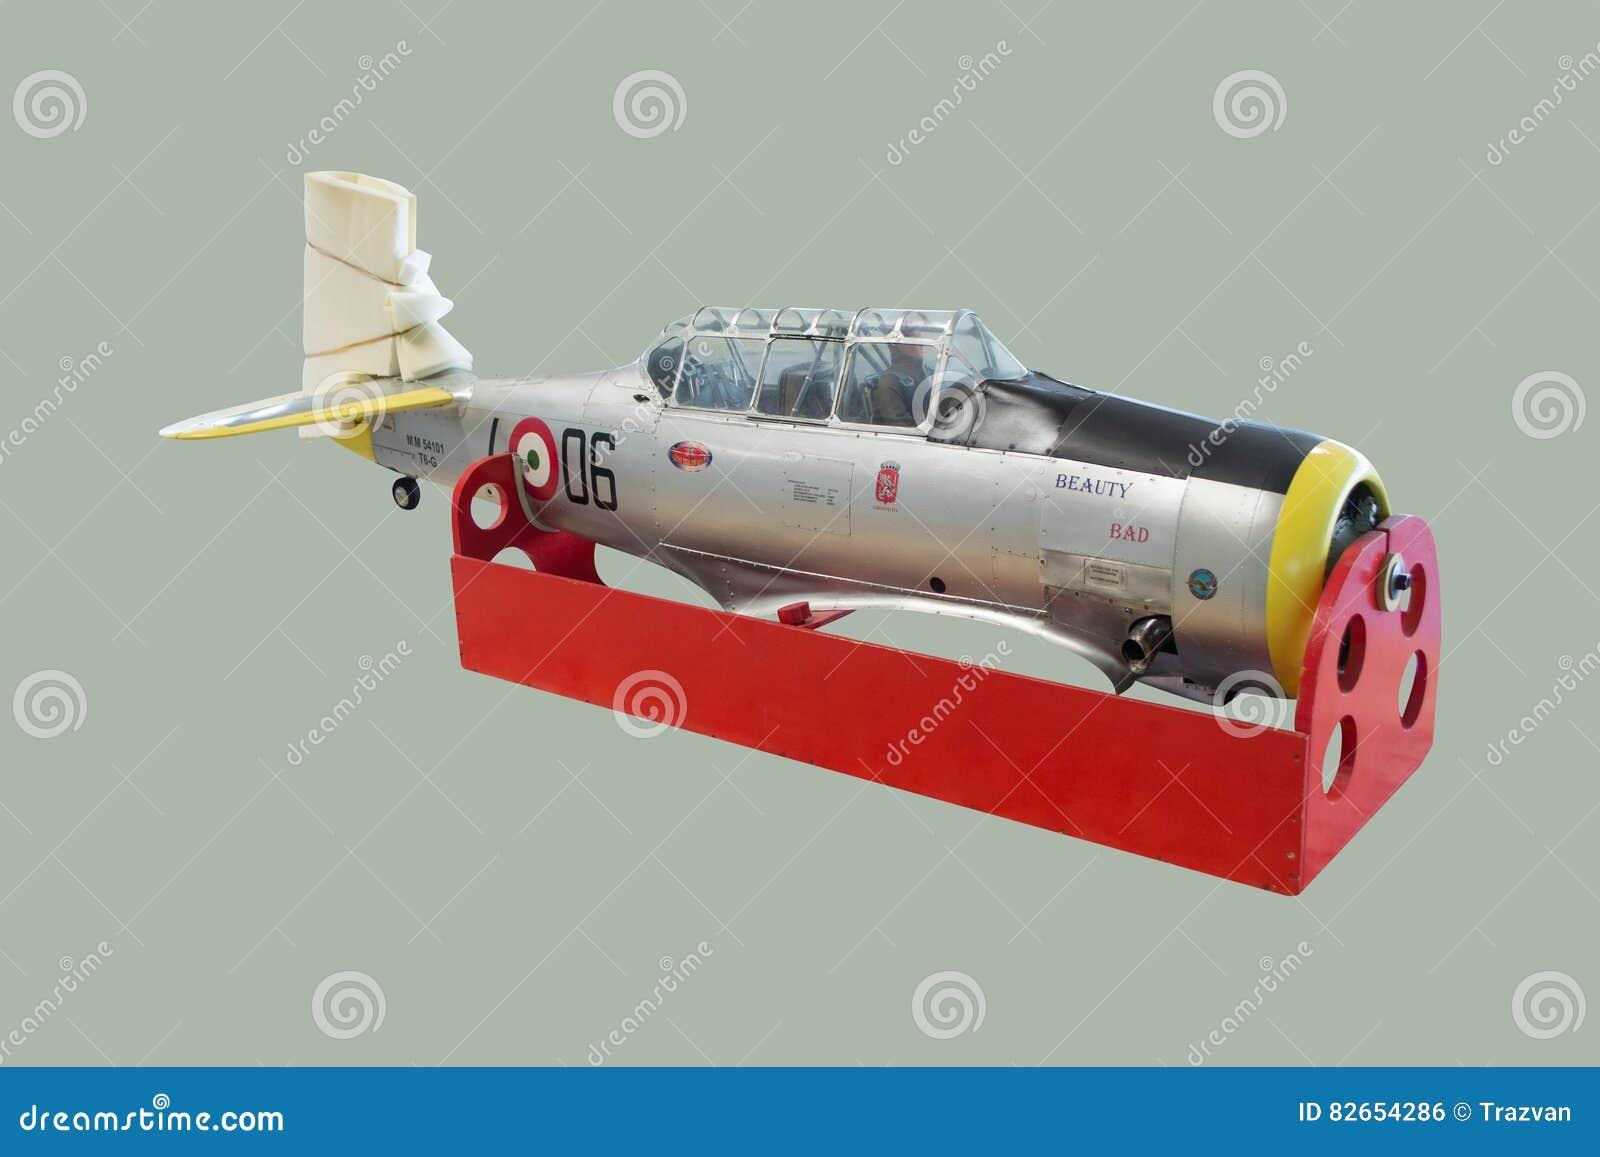 Βορειοαμερικανικά T6G τεξανά πρότυπα αεροσκάφη κλίμακας που αποσυντίθενται